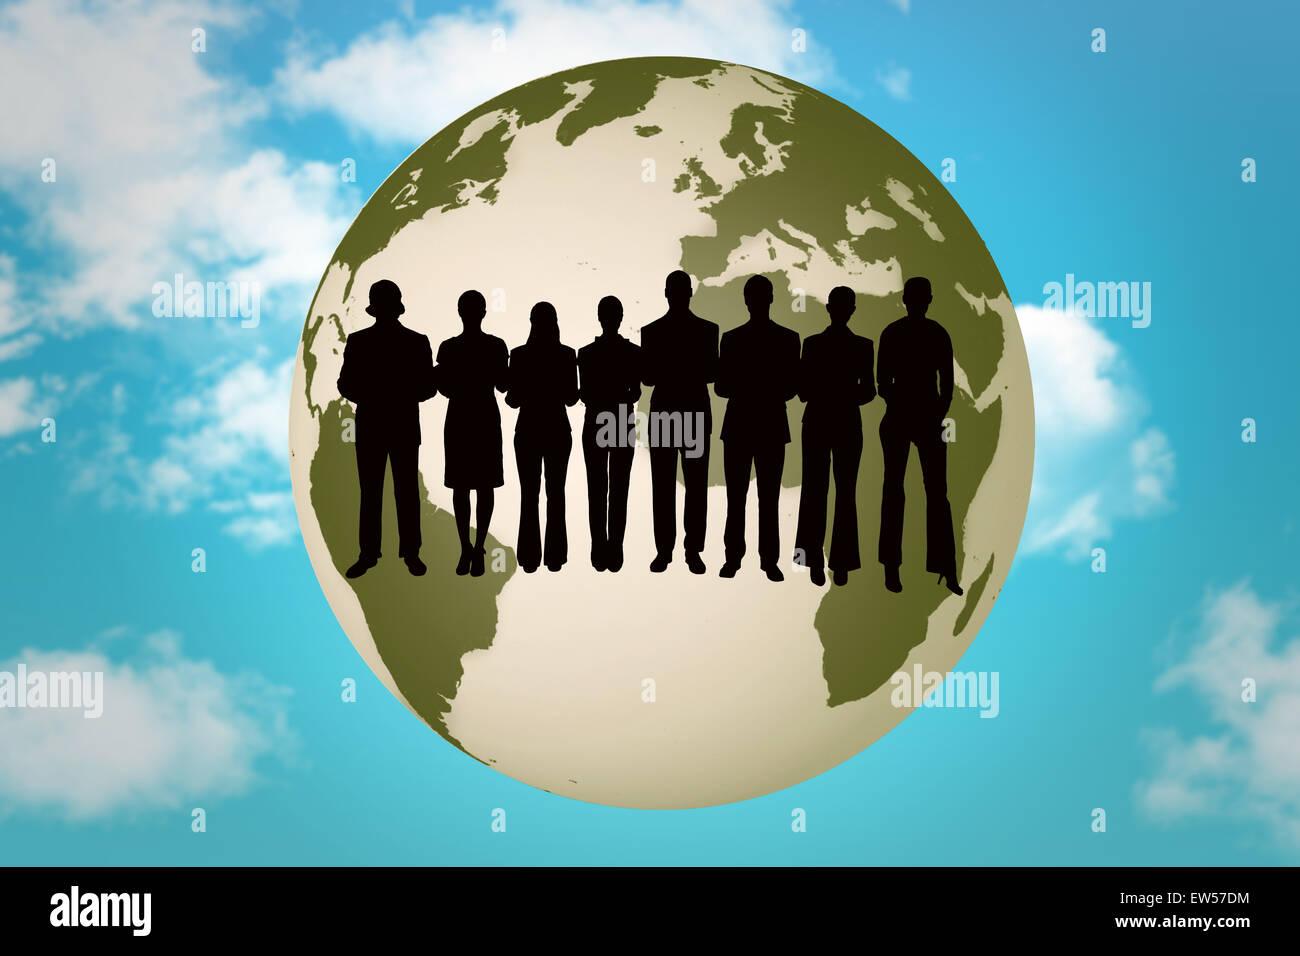 Immagine composita della silhouette di gente di affari in una riga Immagini Stock